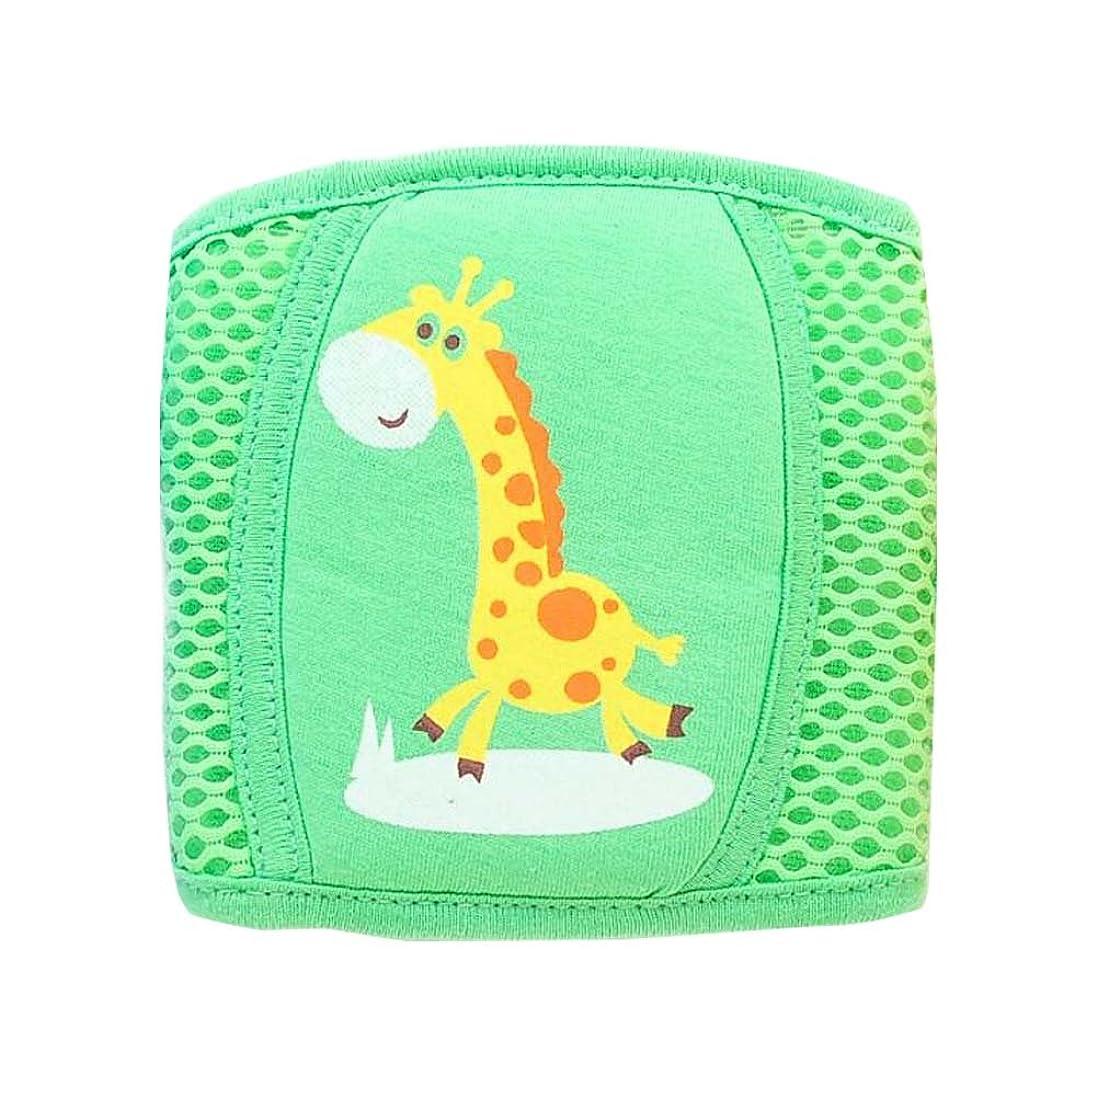 聡明ブラザーまた明日ね幼児ウォーキング膝パッドアンチフォールアジャスタブル保護パッド(グリーン)